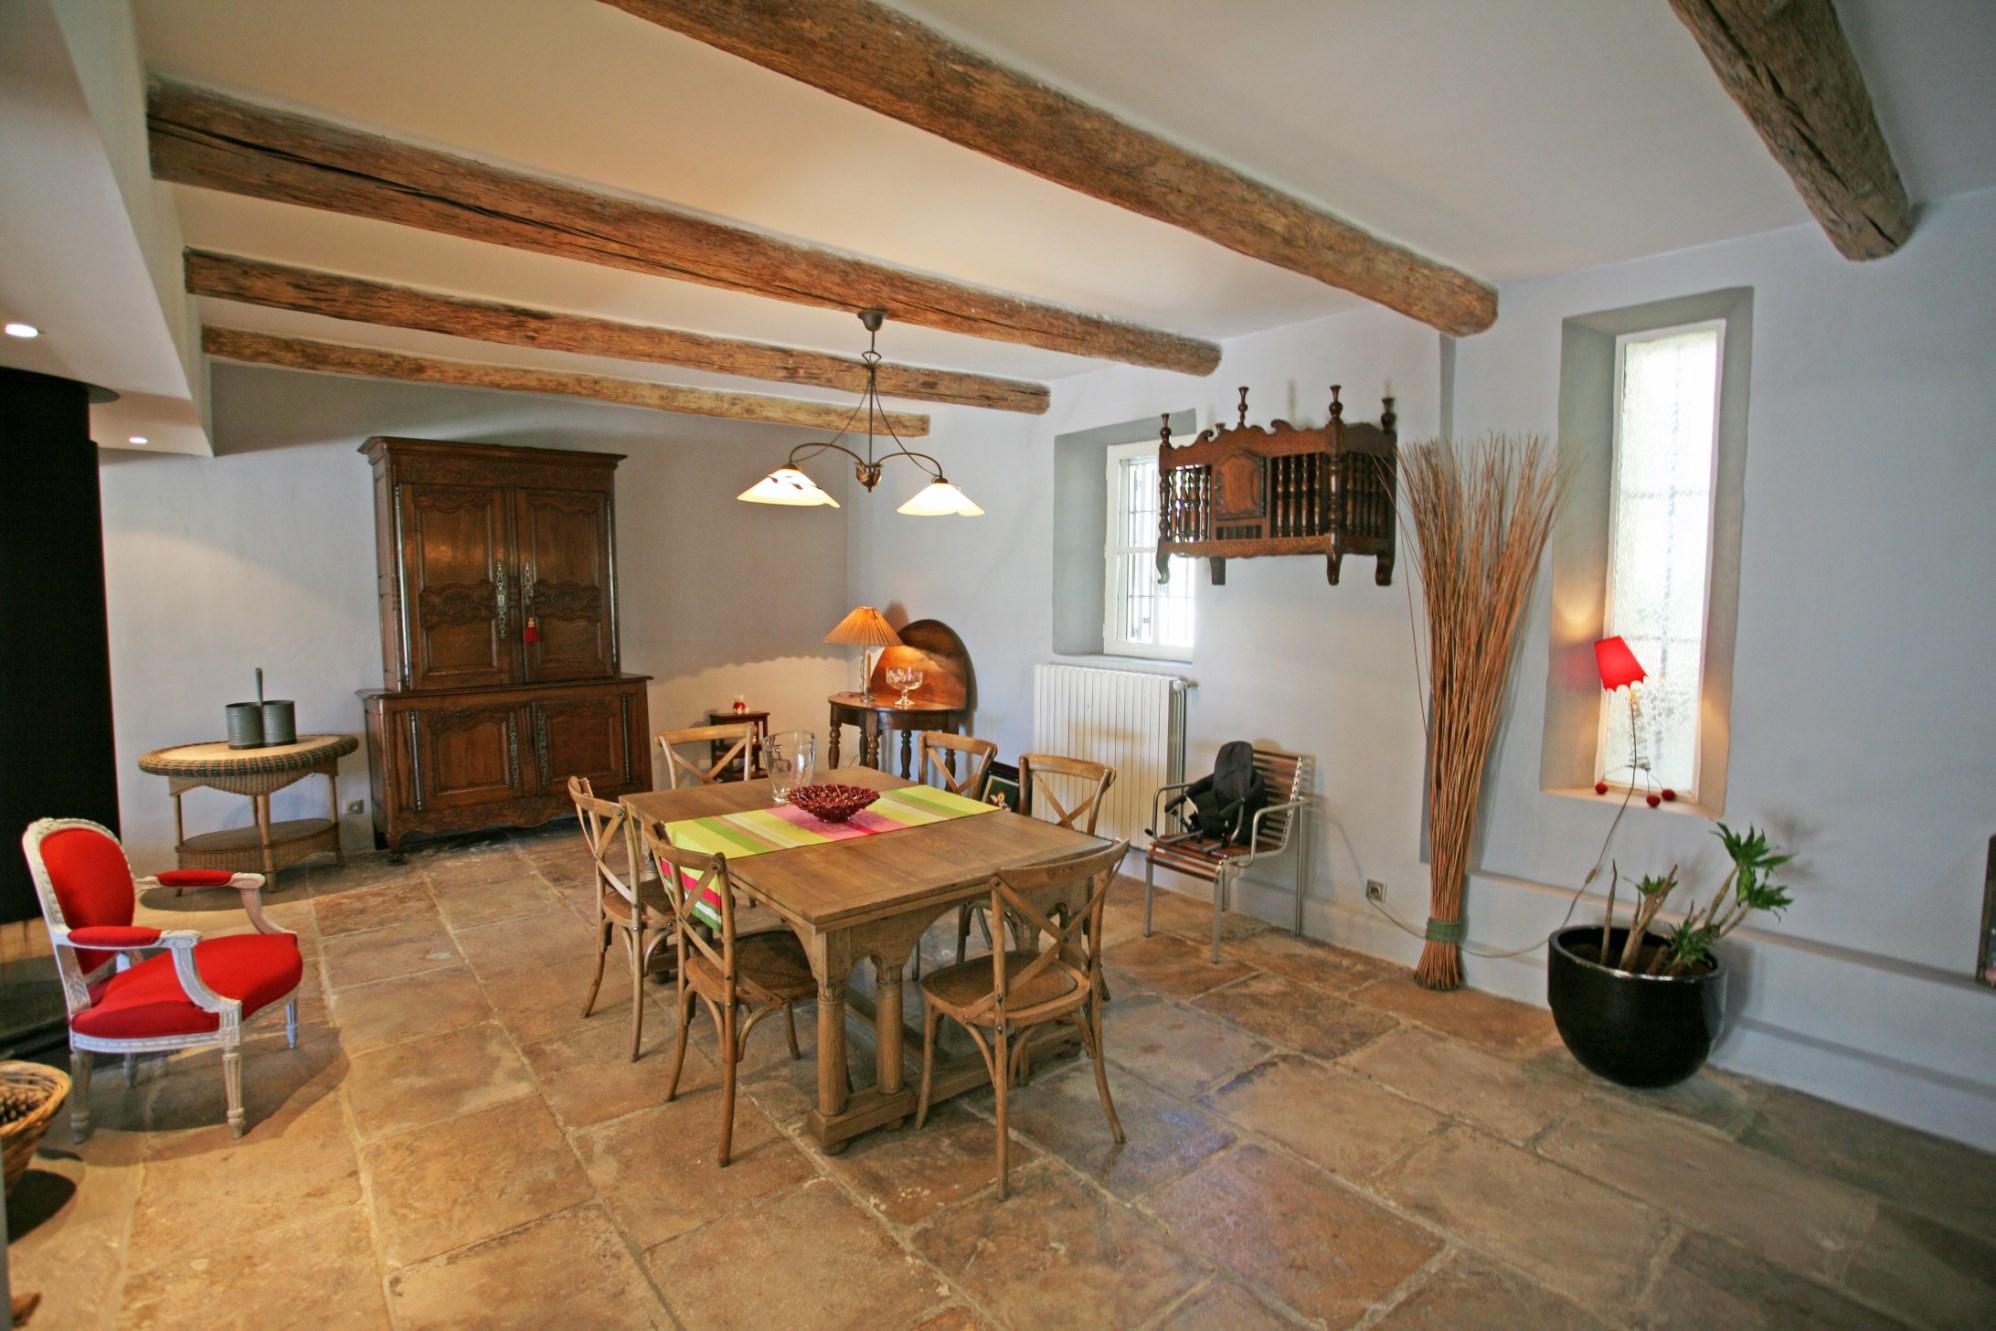 A vendre en Luberon,  avec très belle vue sur le Luberon,  mas ancien renové, piscine et studio